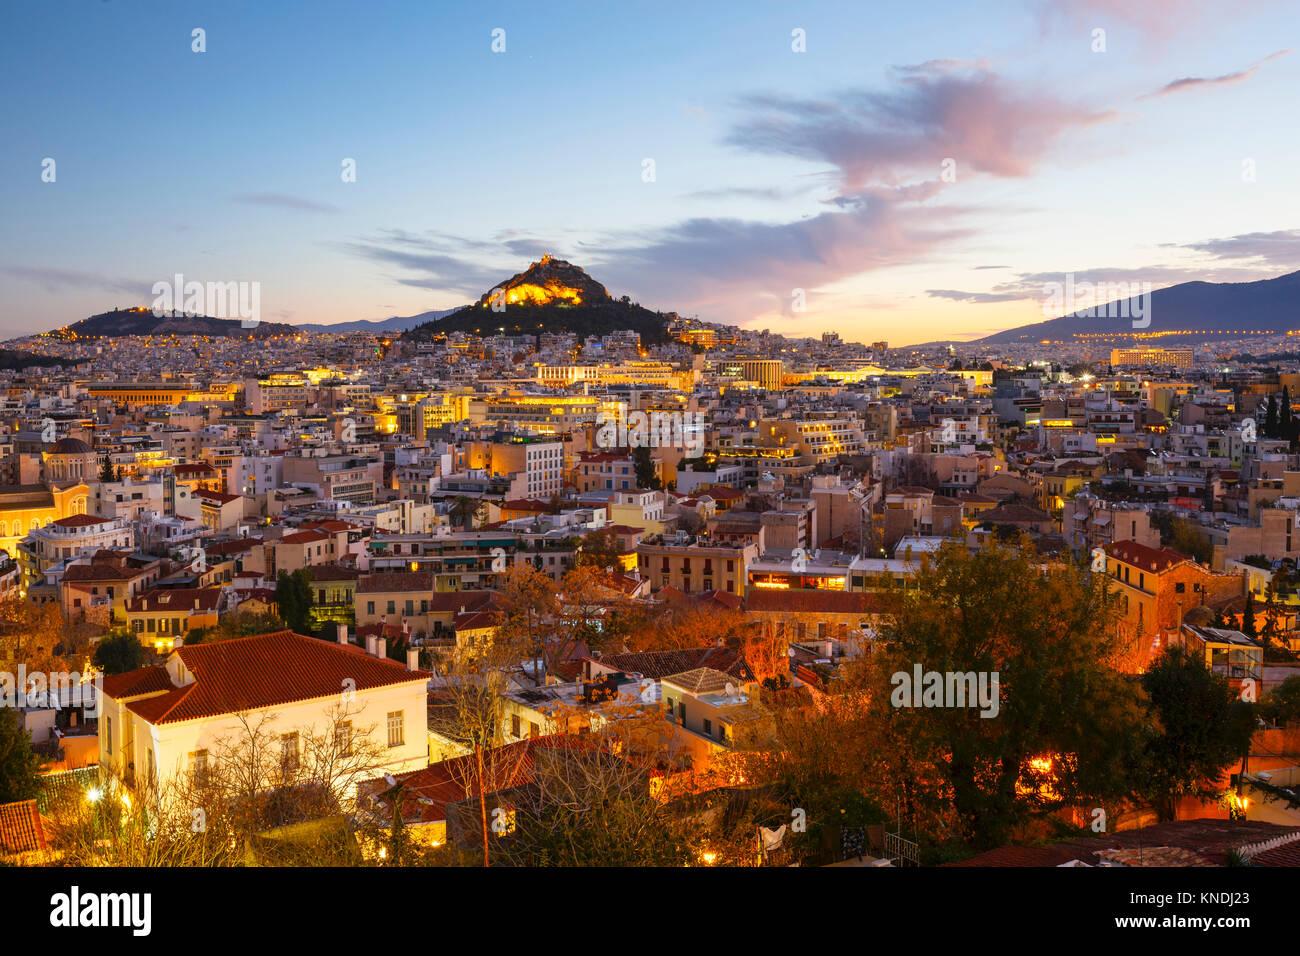 Blick auf den Lycabettus Hügel von anafiotika Nachbarschaft in der Altstadt von Athen, Griechenland. Stockbild